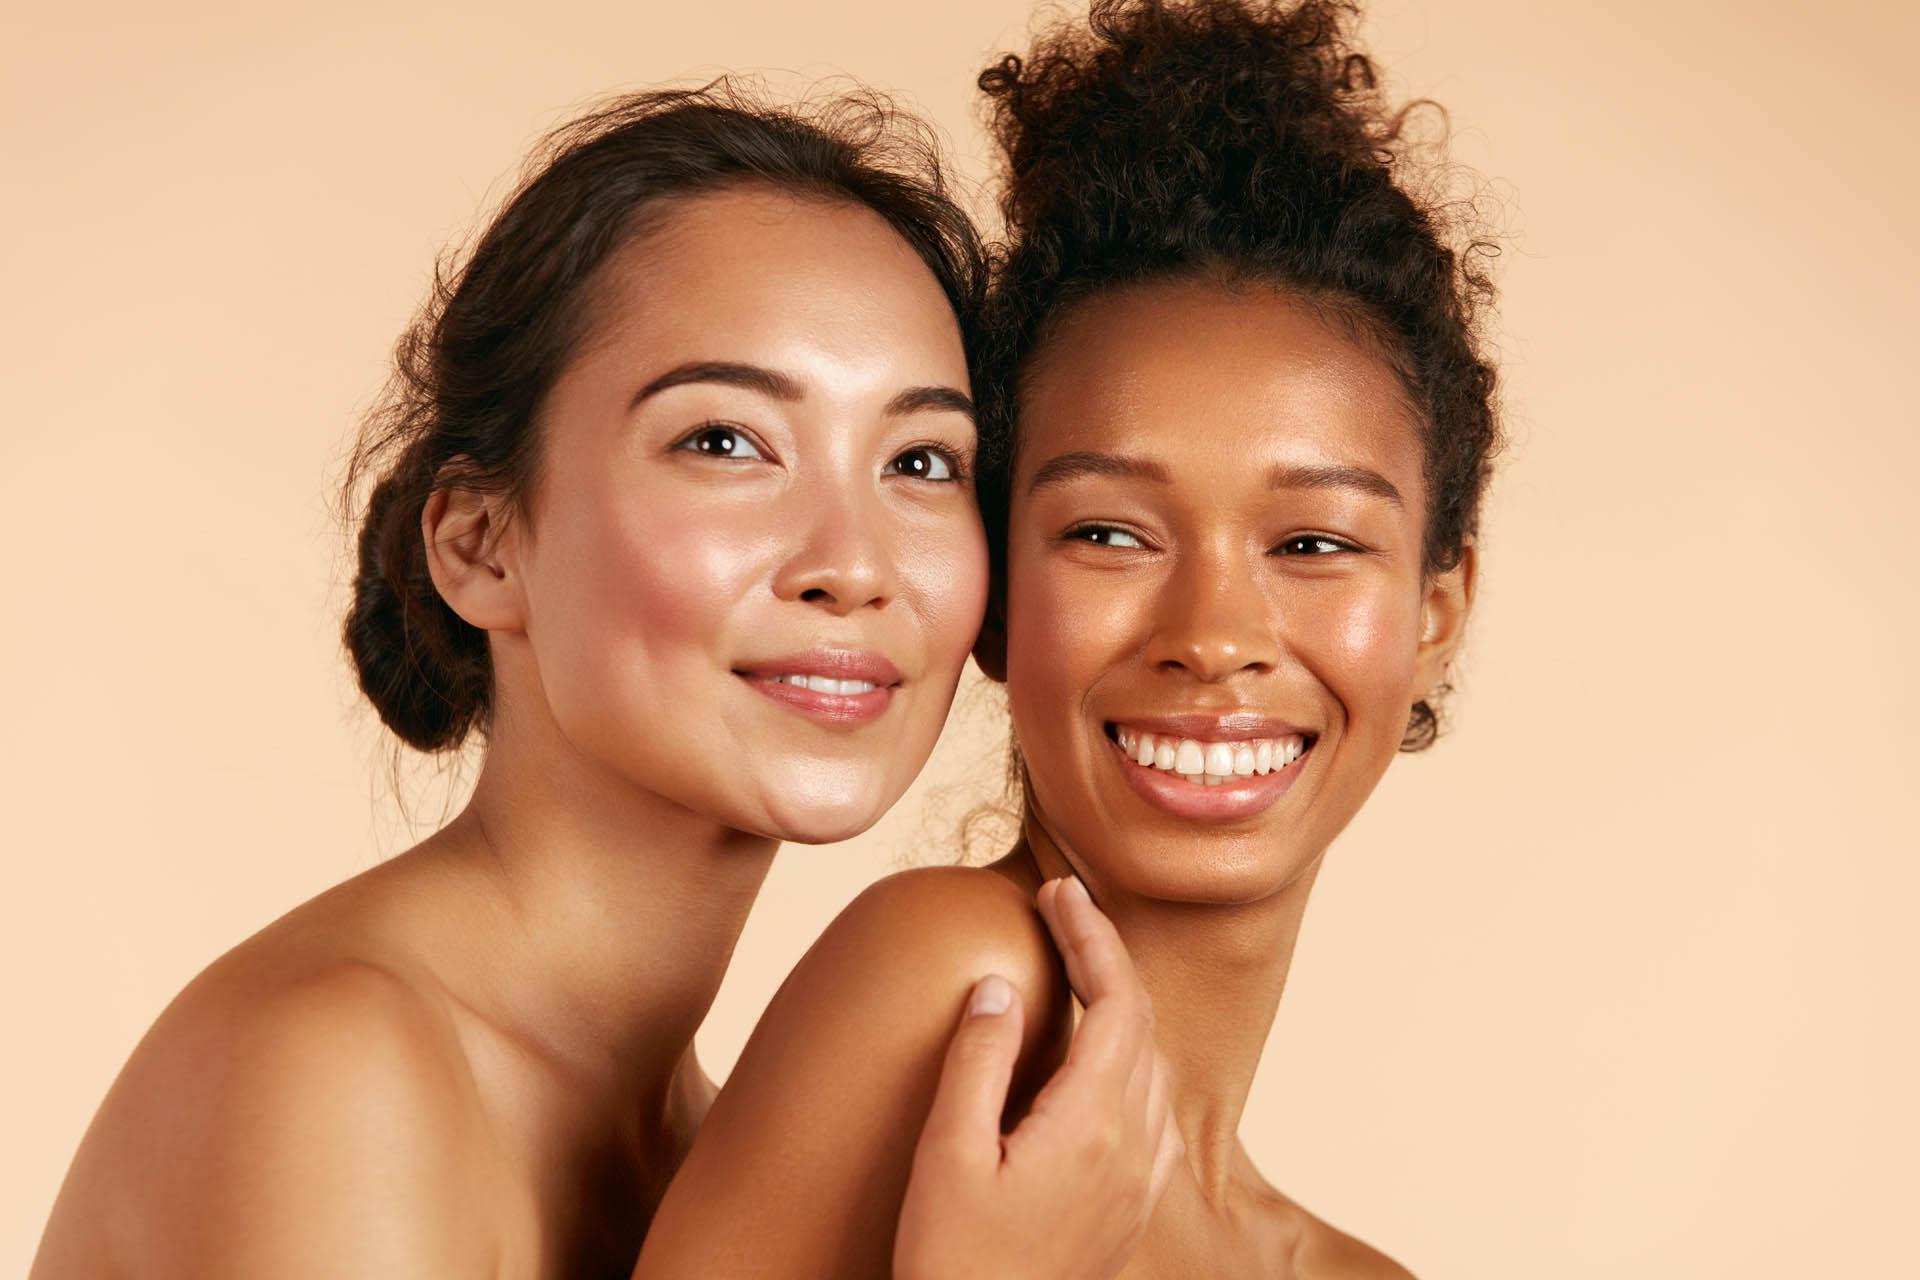 Hautverjüngung - Hautverjüngung mit SHR